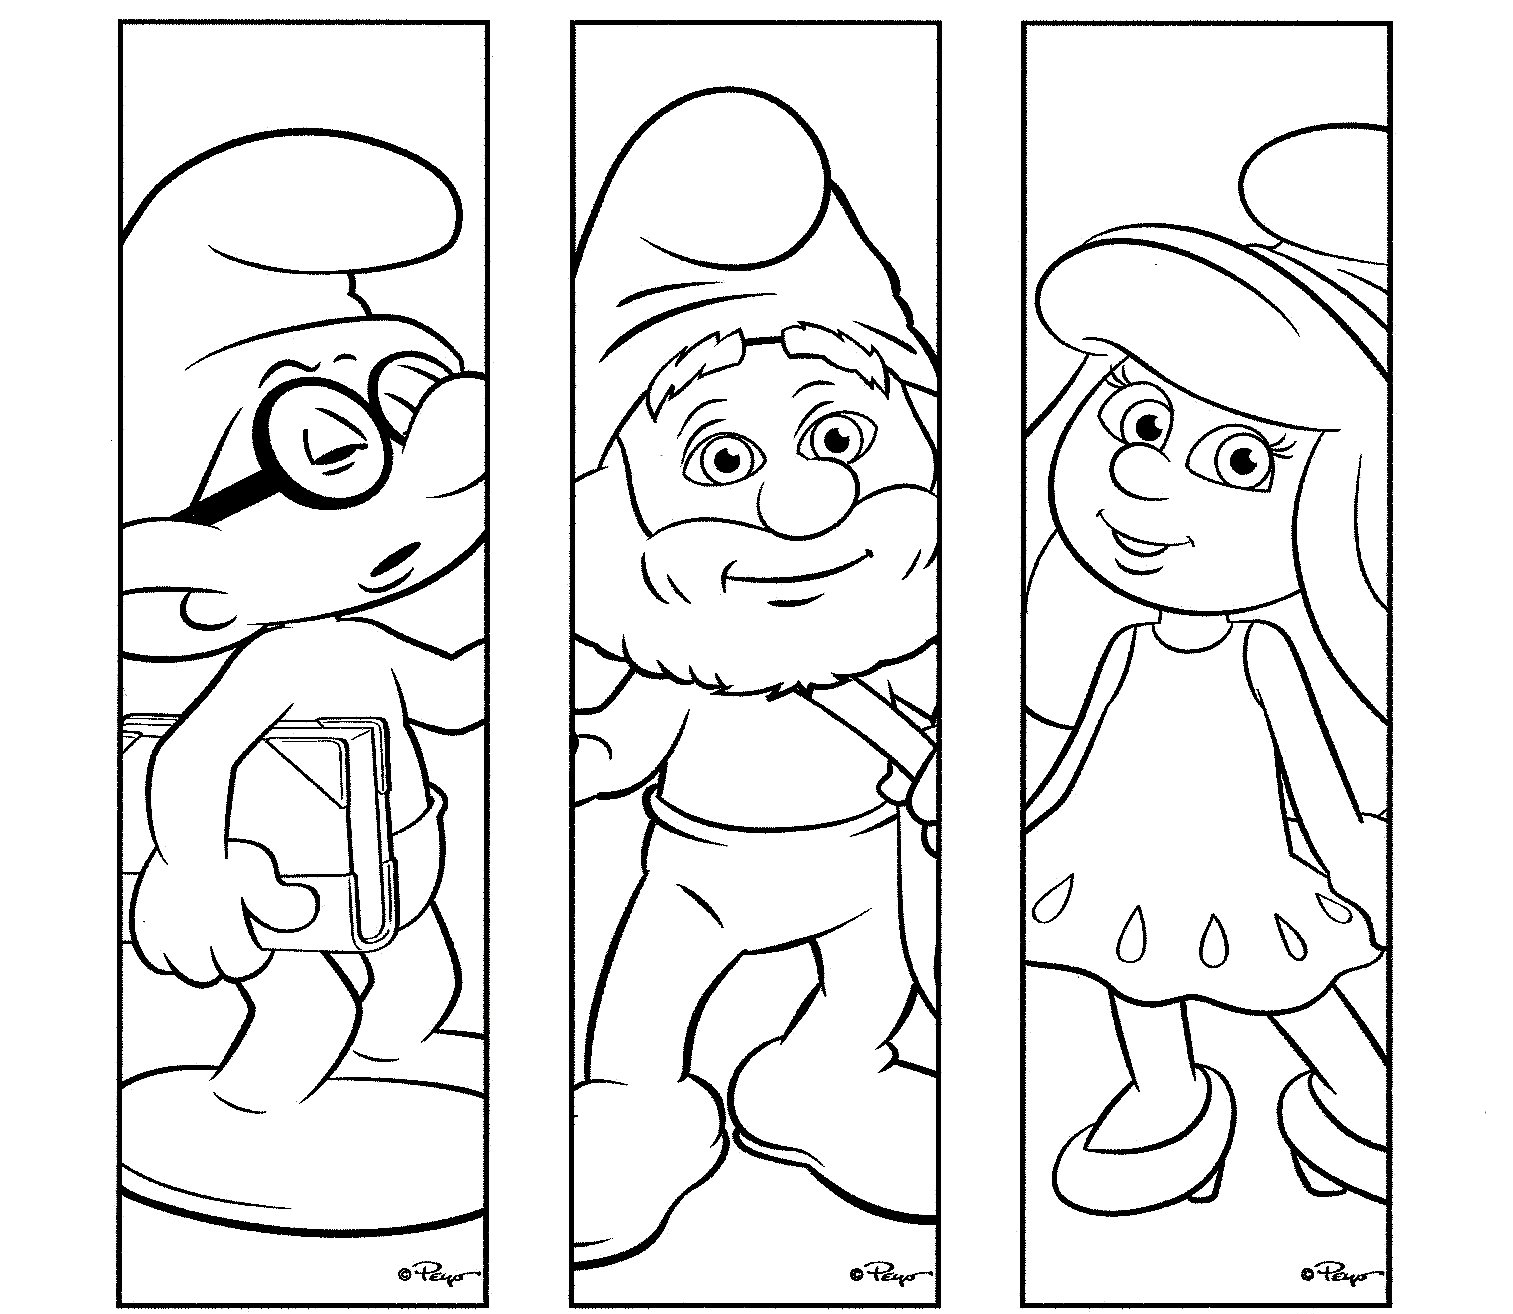 dibujos de los pitufos para colorear pitufos imprimir gratis On dibujos de imprimir